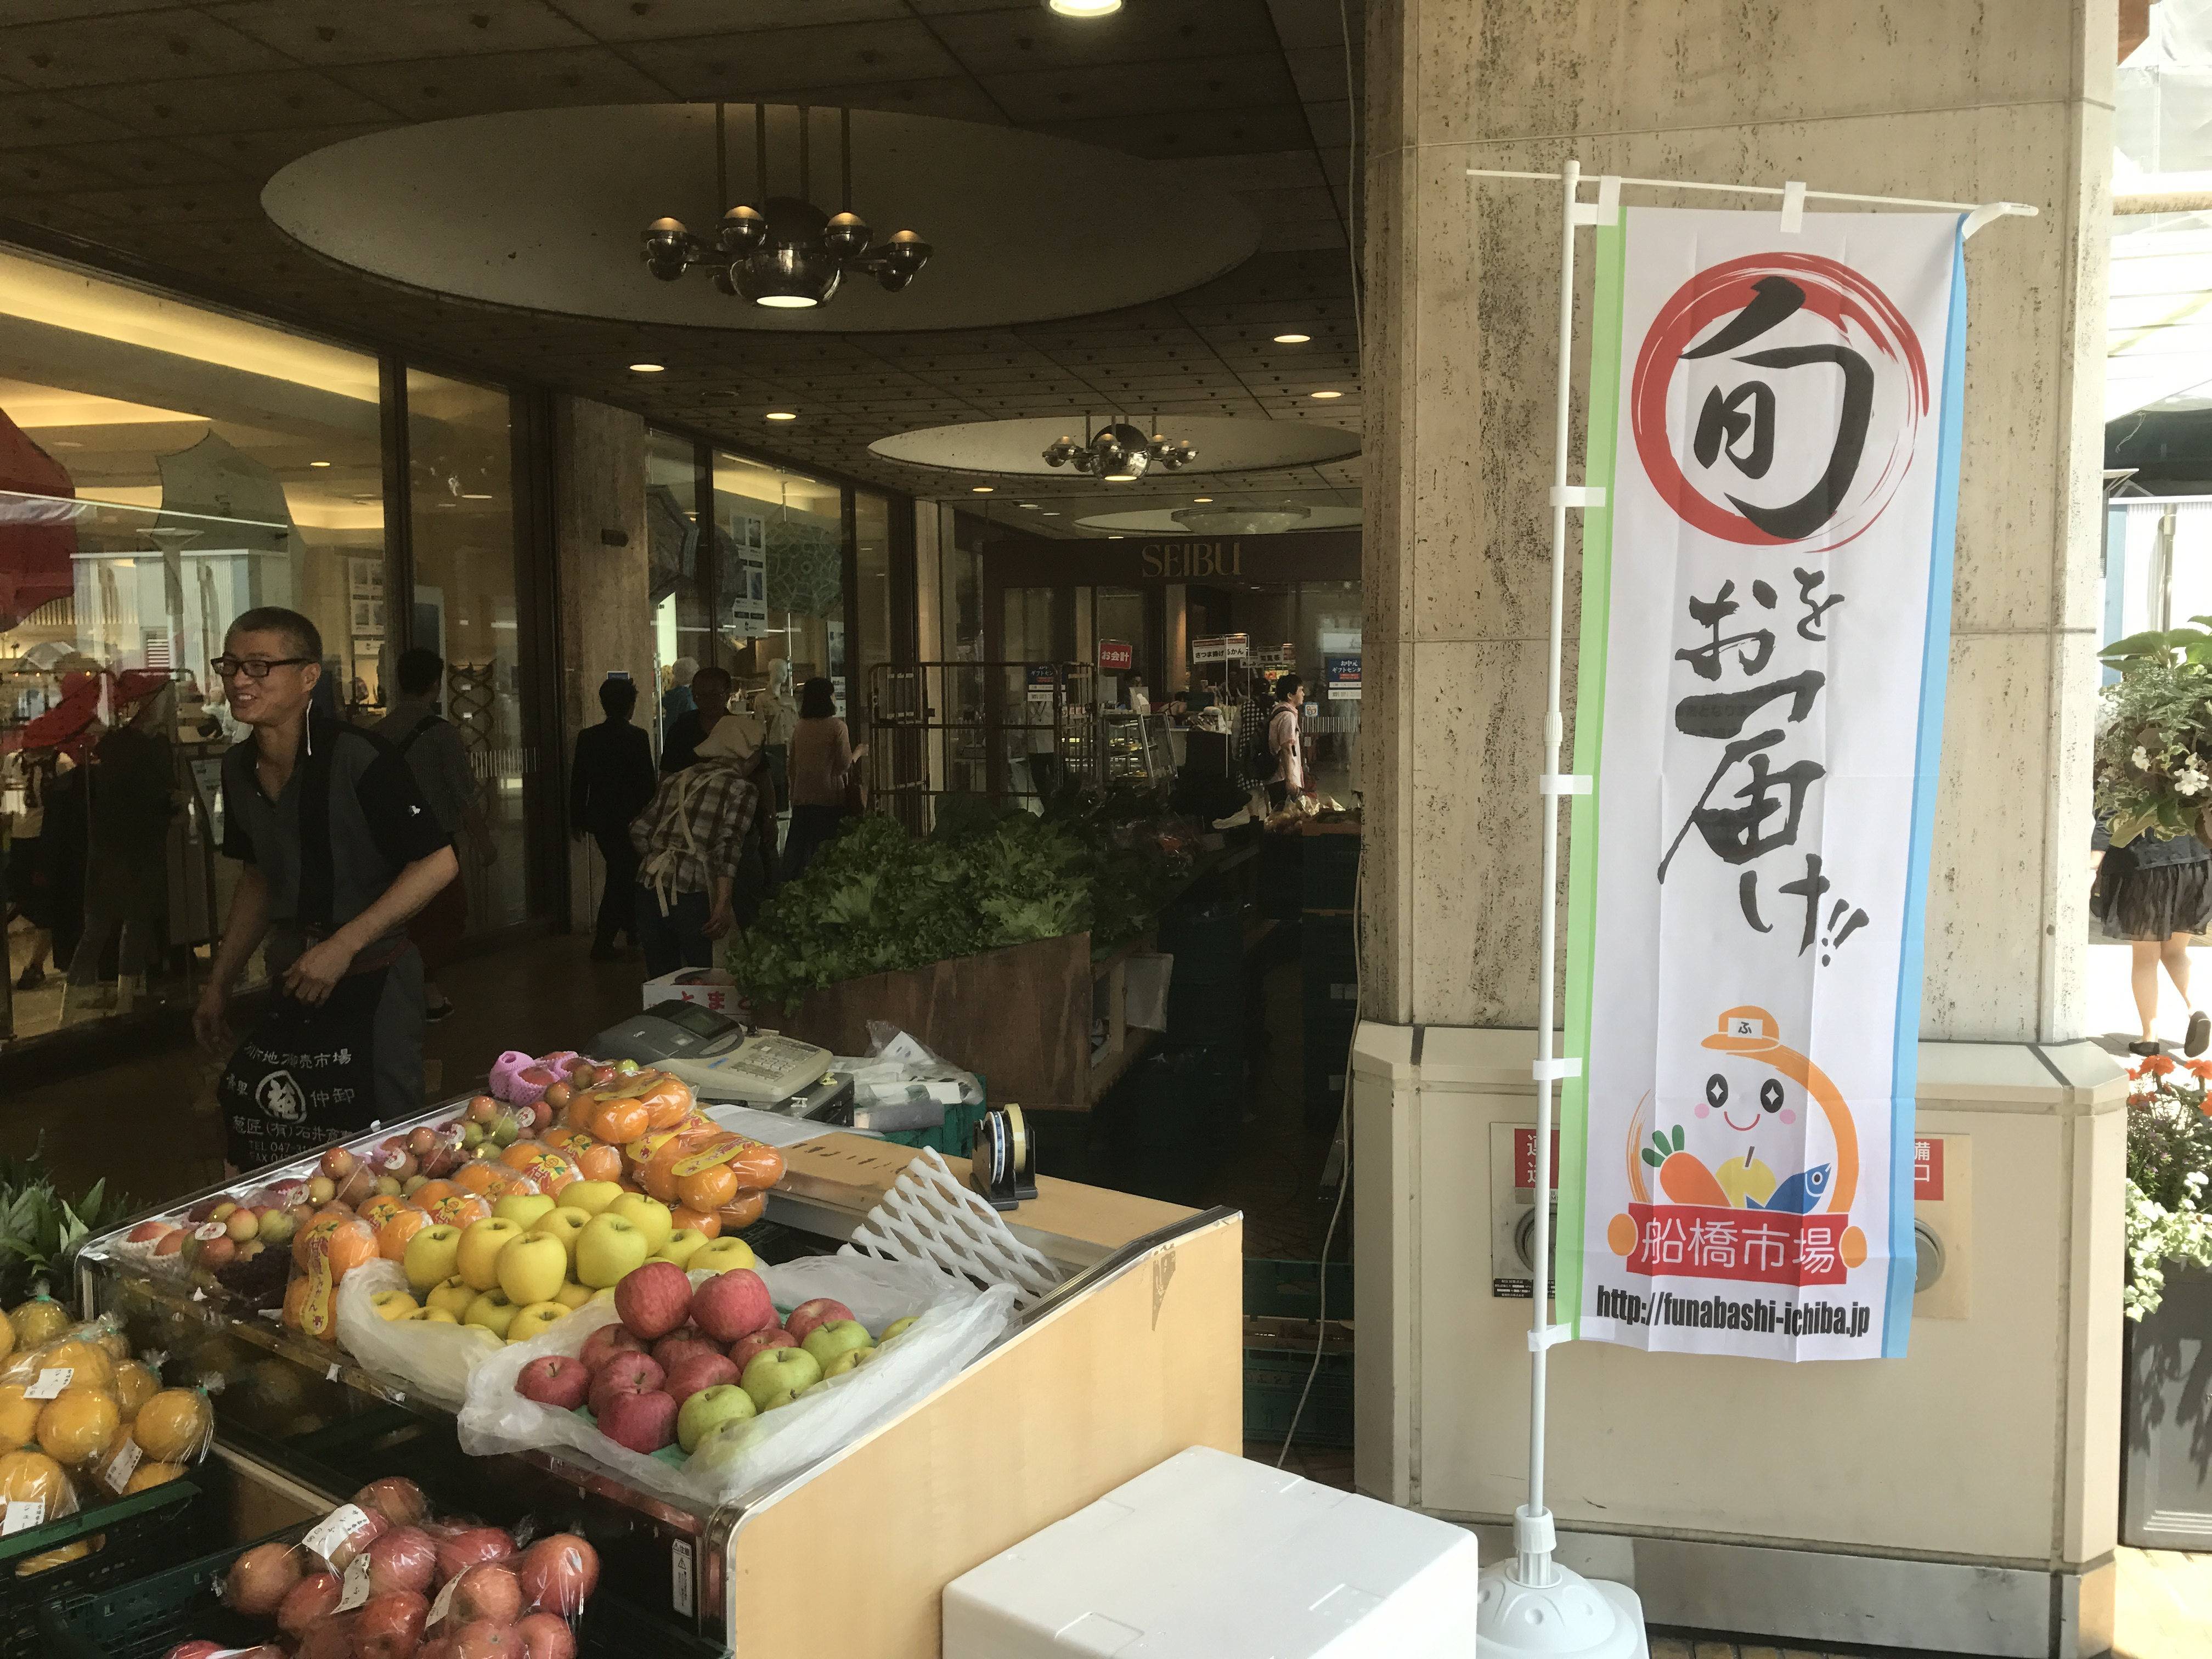 旬彩マーケット(西武百貨店船橋店前)